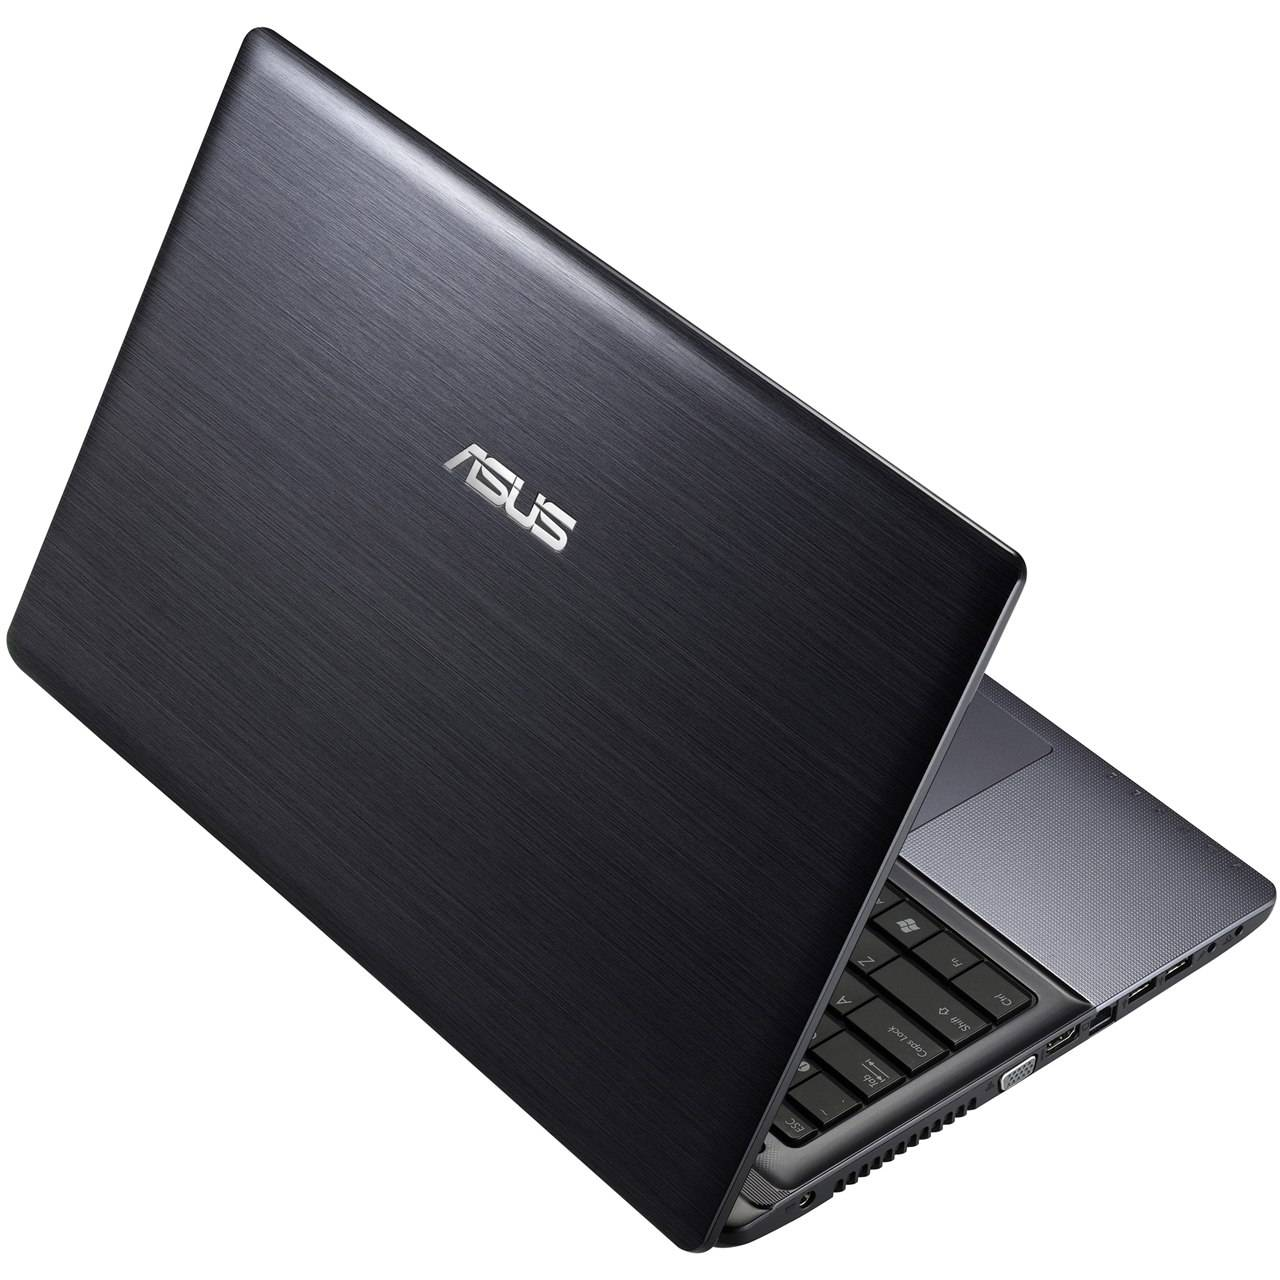 Laptop-Asus-X55VD-SX037D-spate-deschis